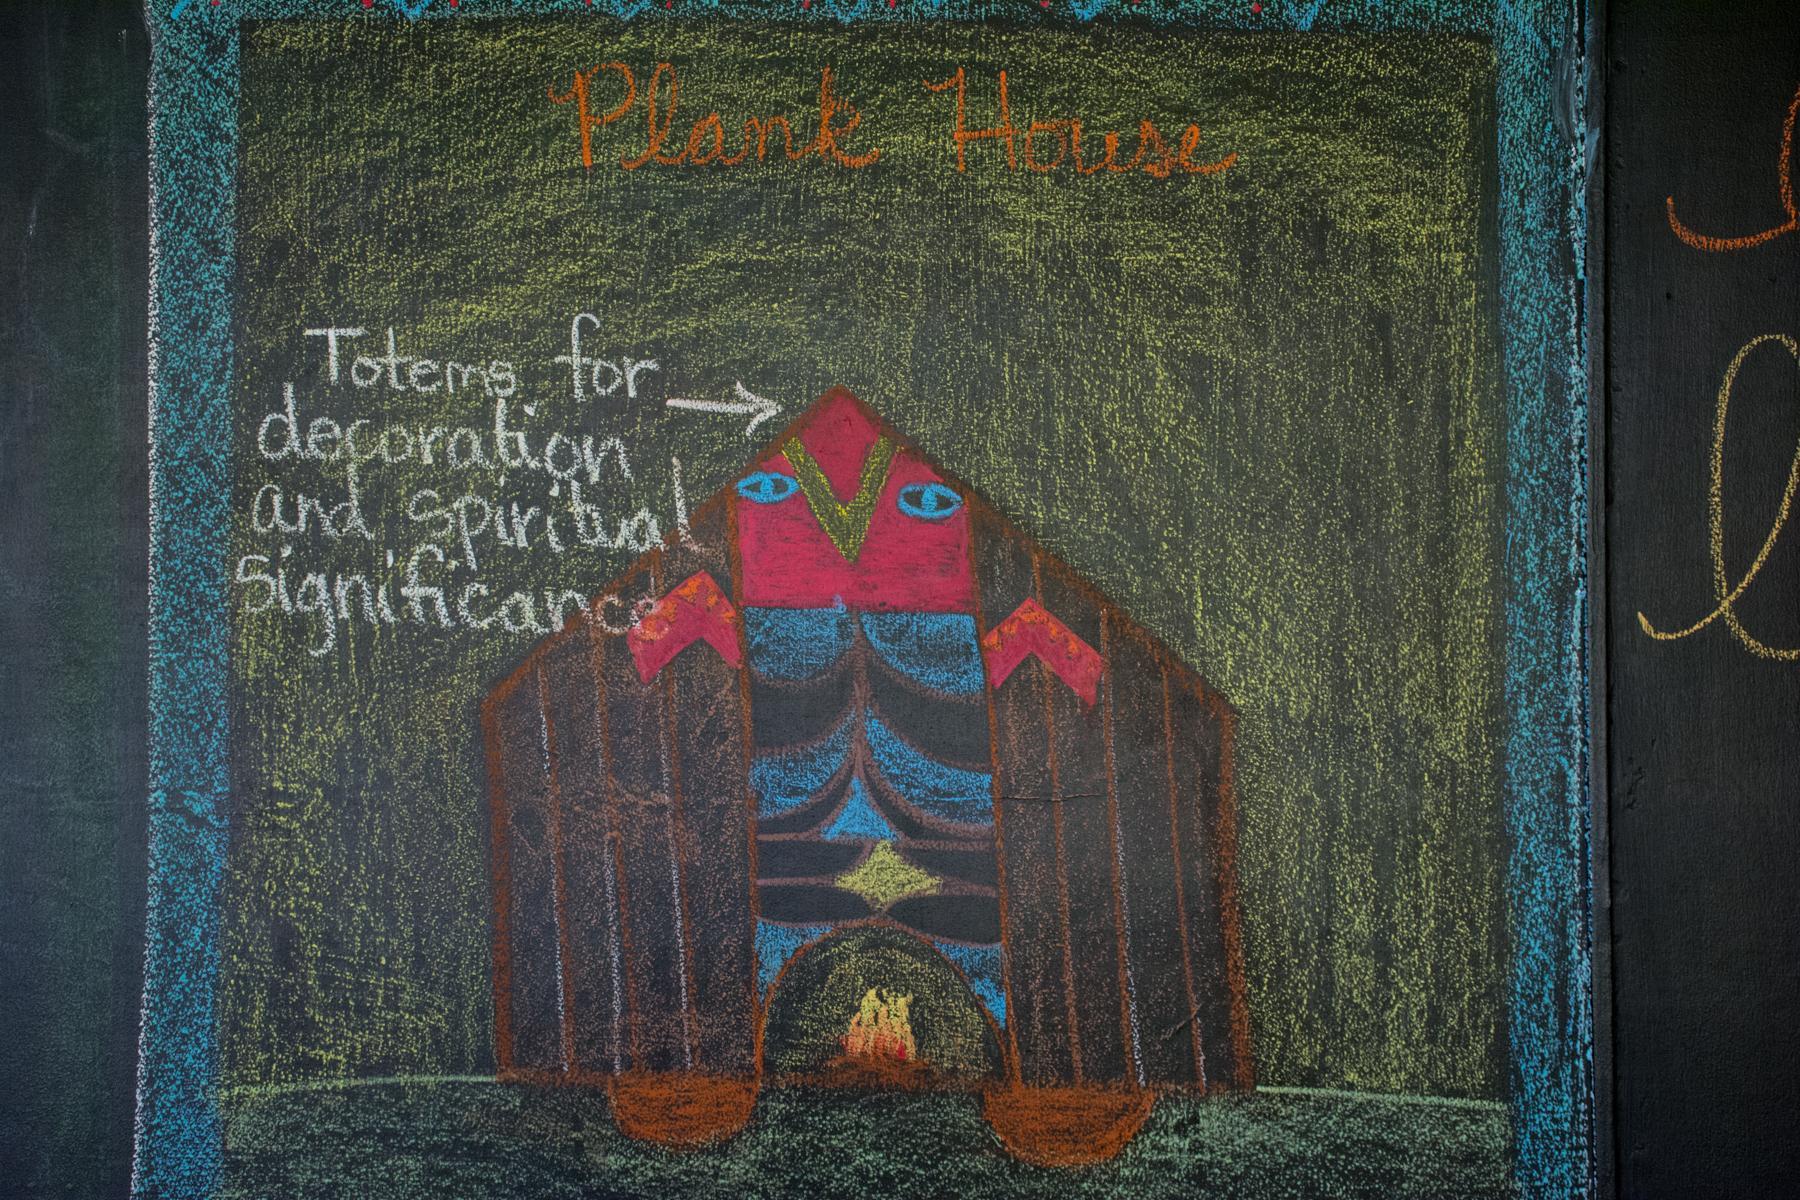 Plank House chalkboard